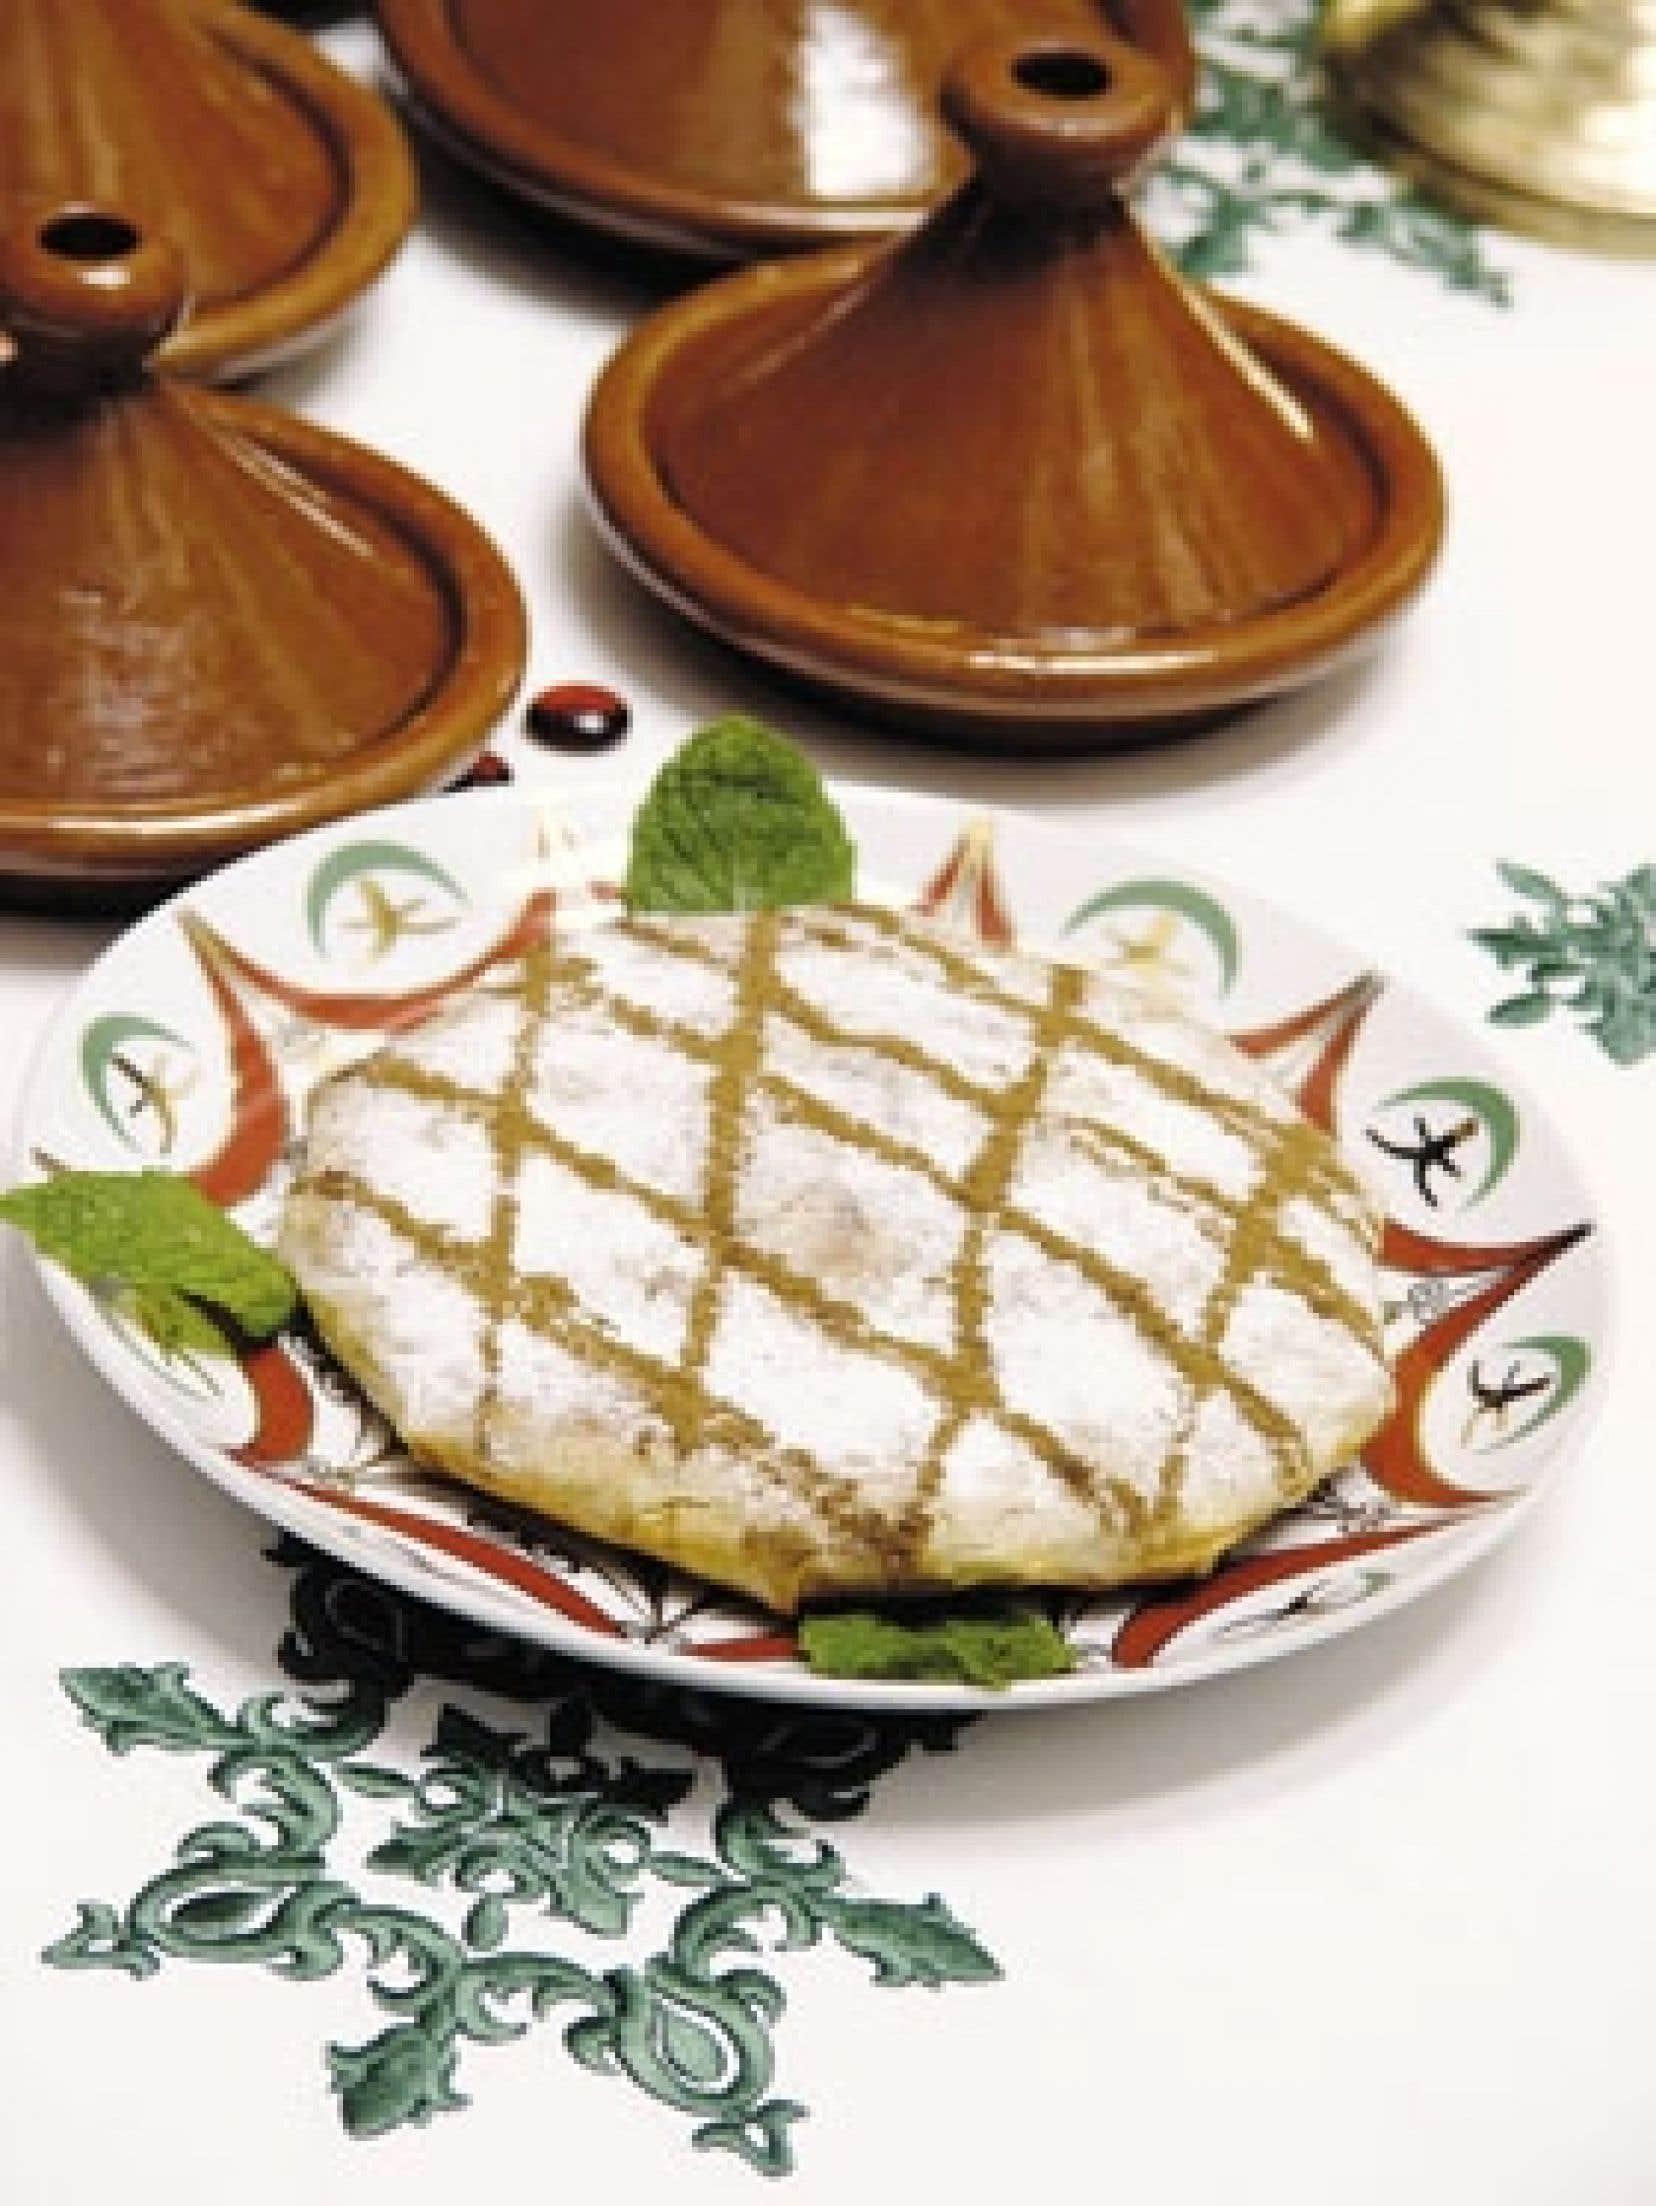 À Fès, on vante sans vergogne l'origine du summum en matière de gastronomie marocaine: la pastilla aux pigeons.